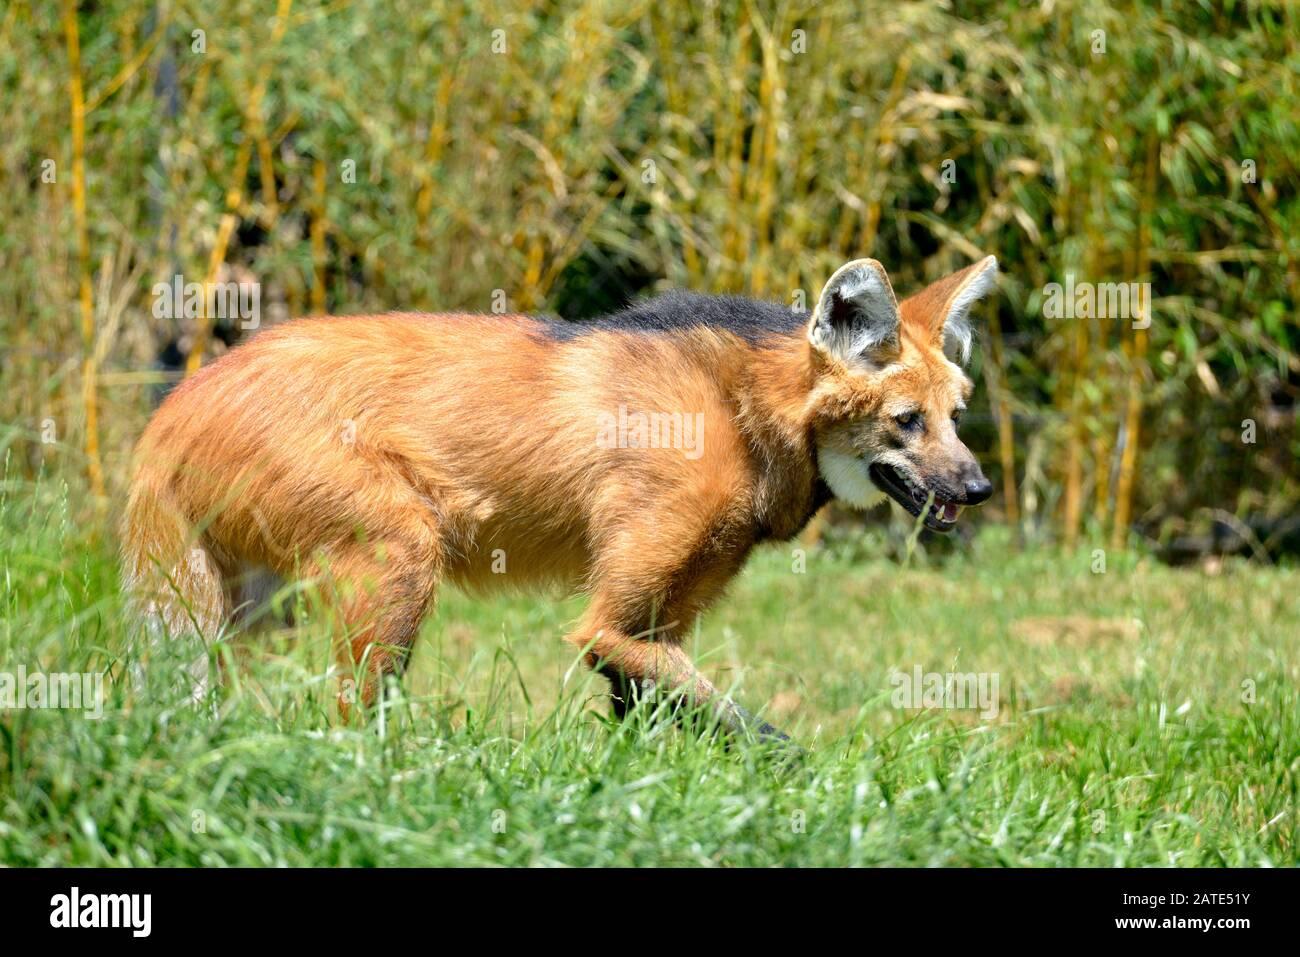 Lupo manato (Chrysocyon brachyurus) camminando in erba e visto dal profilo, la bocca aperta Foto Stock